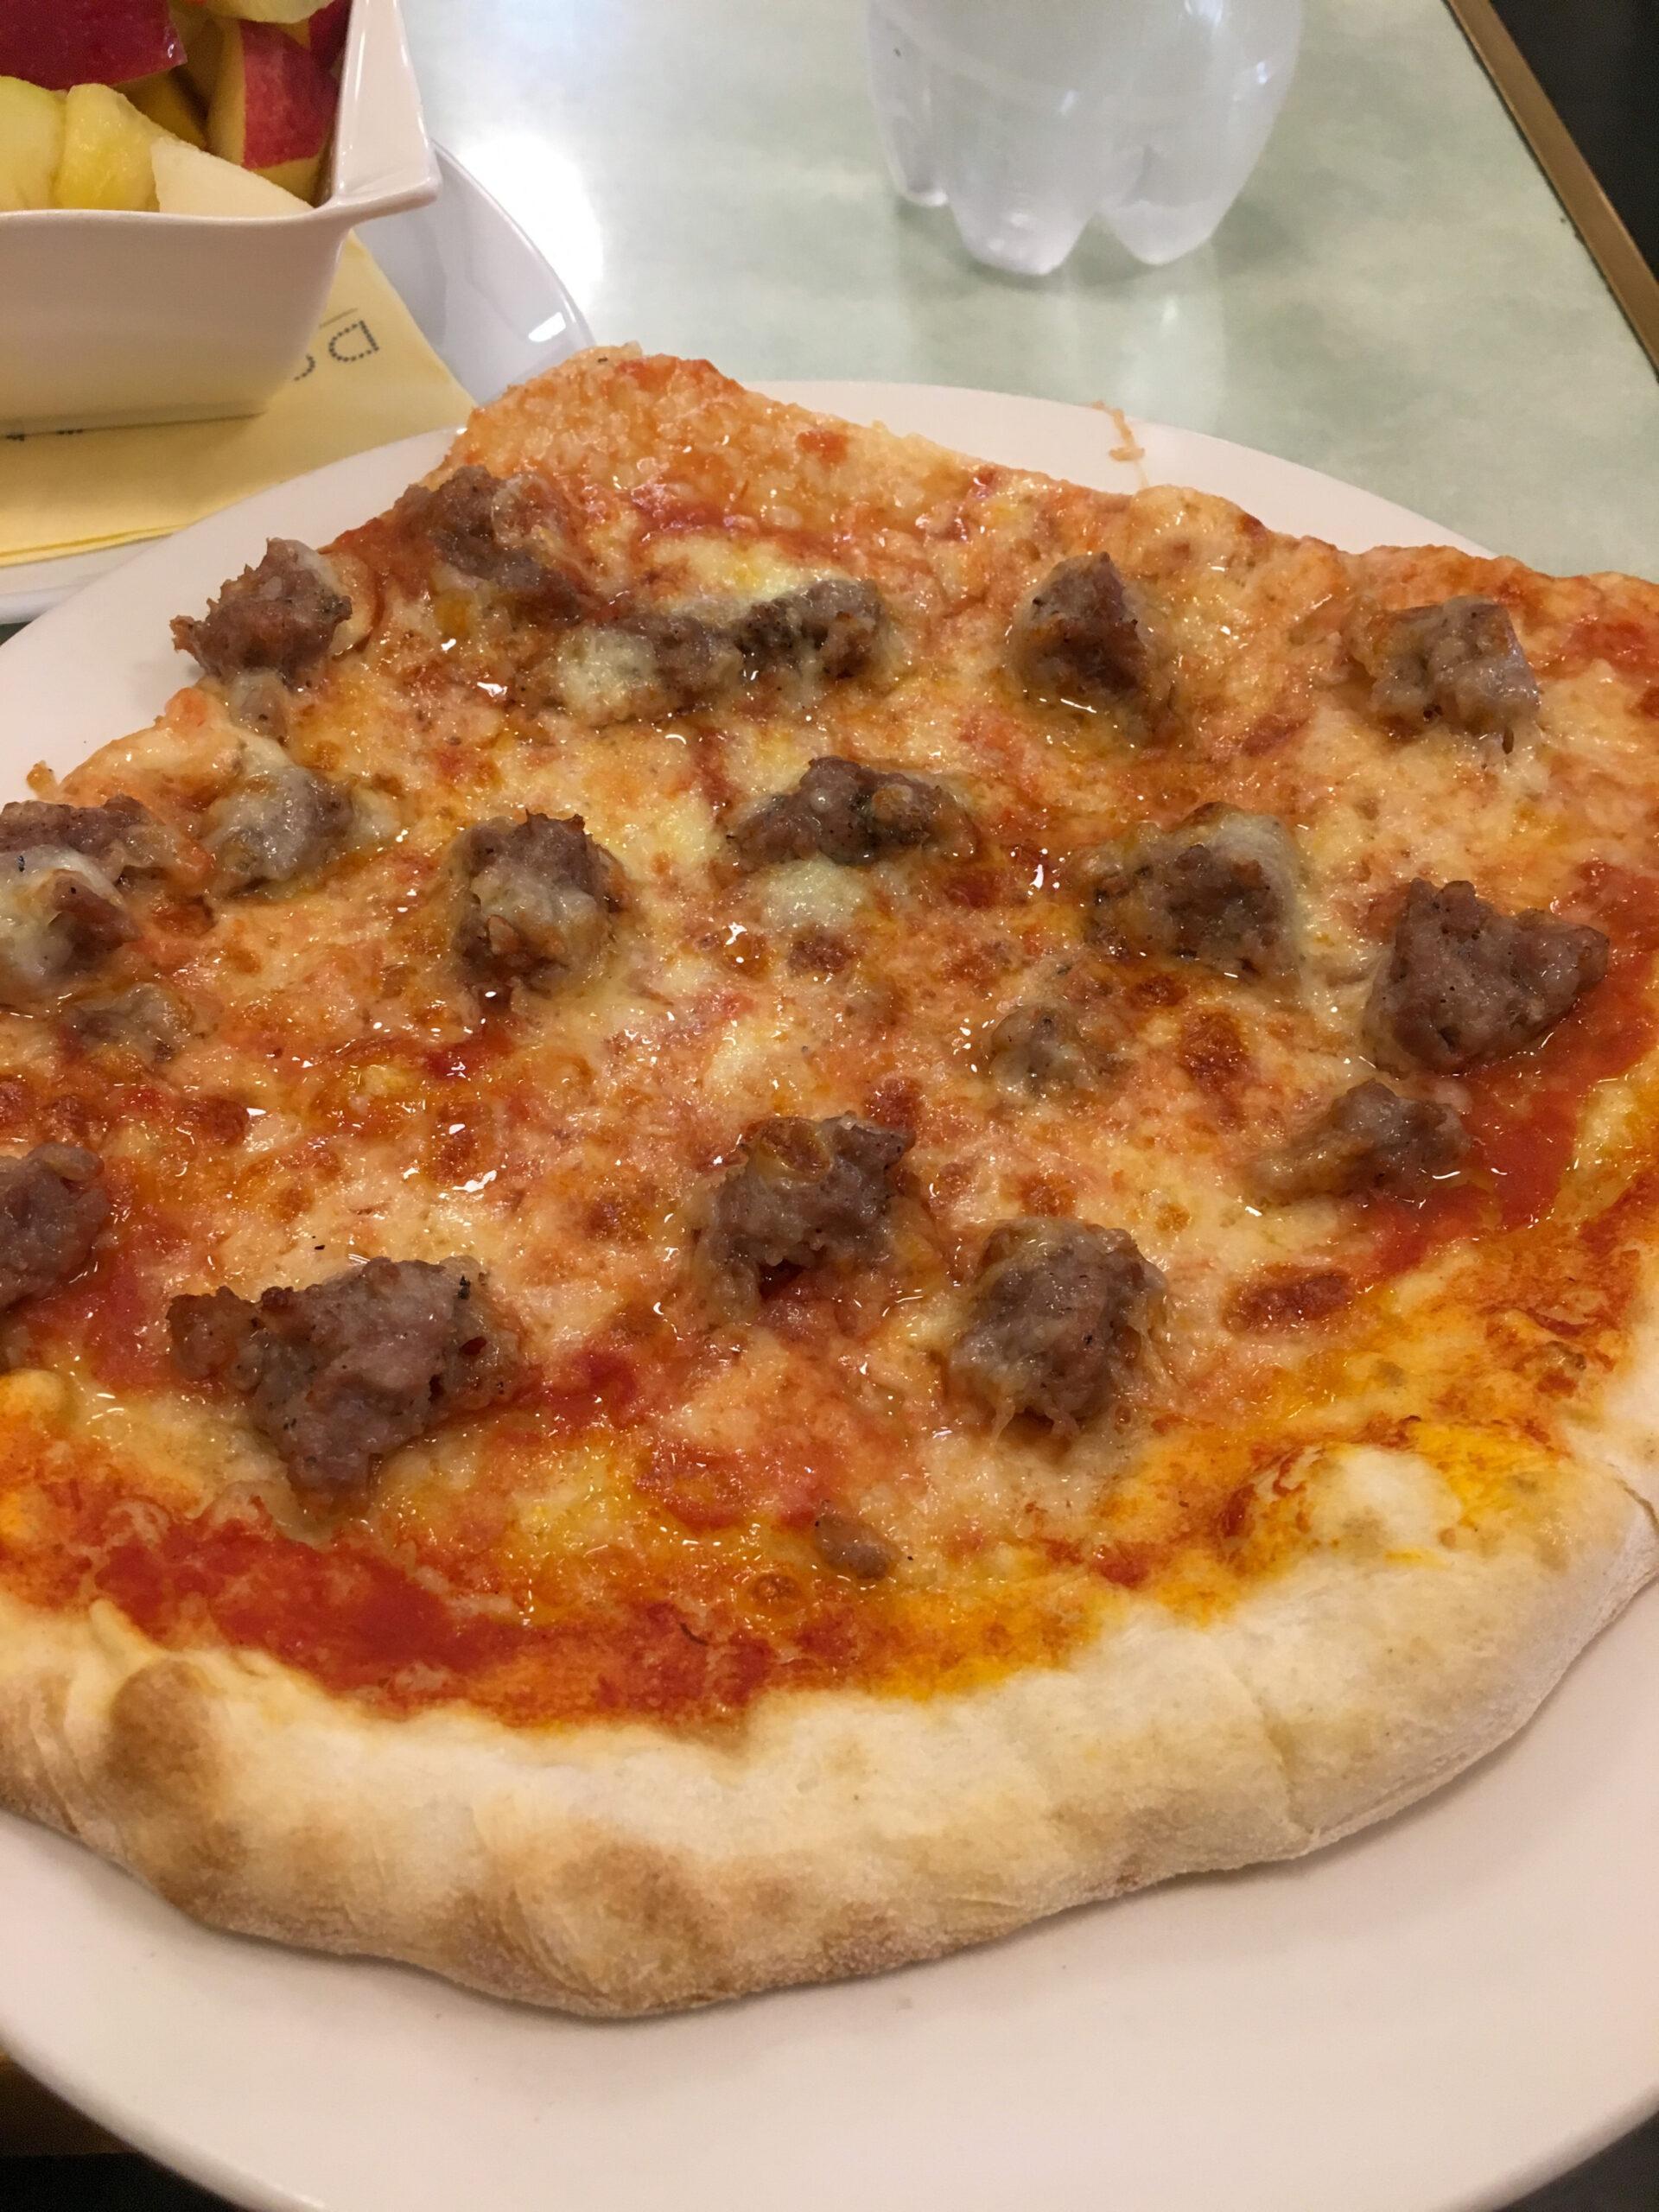 Pizza at Dot